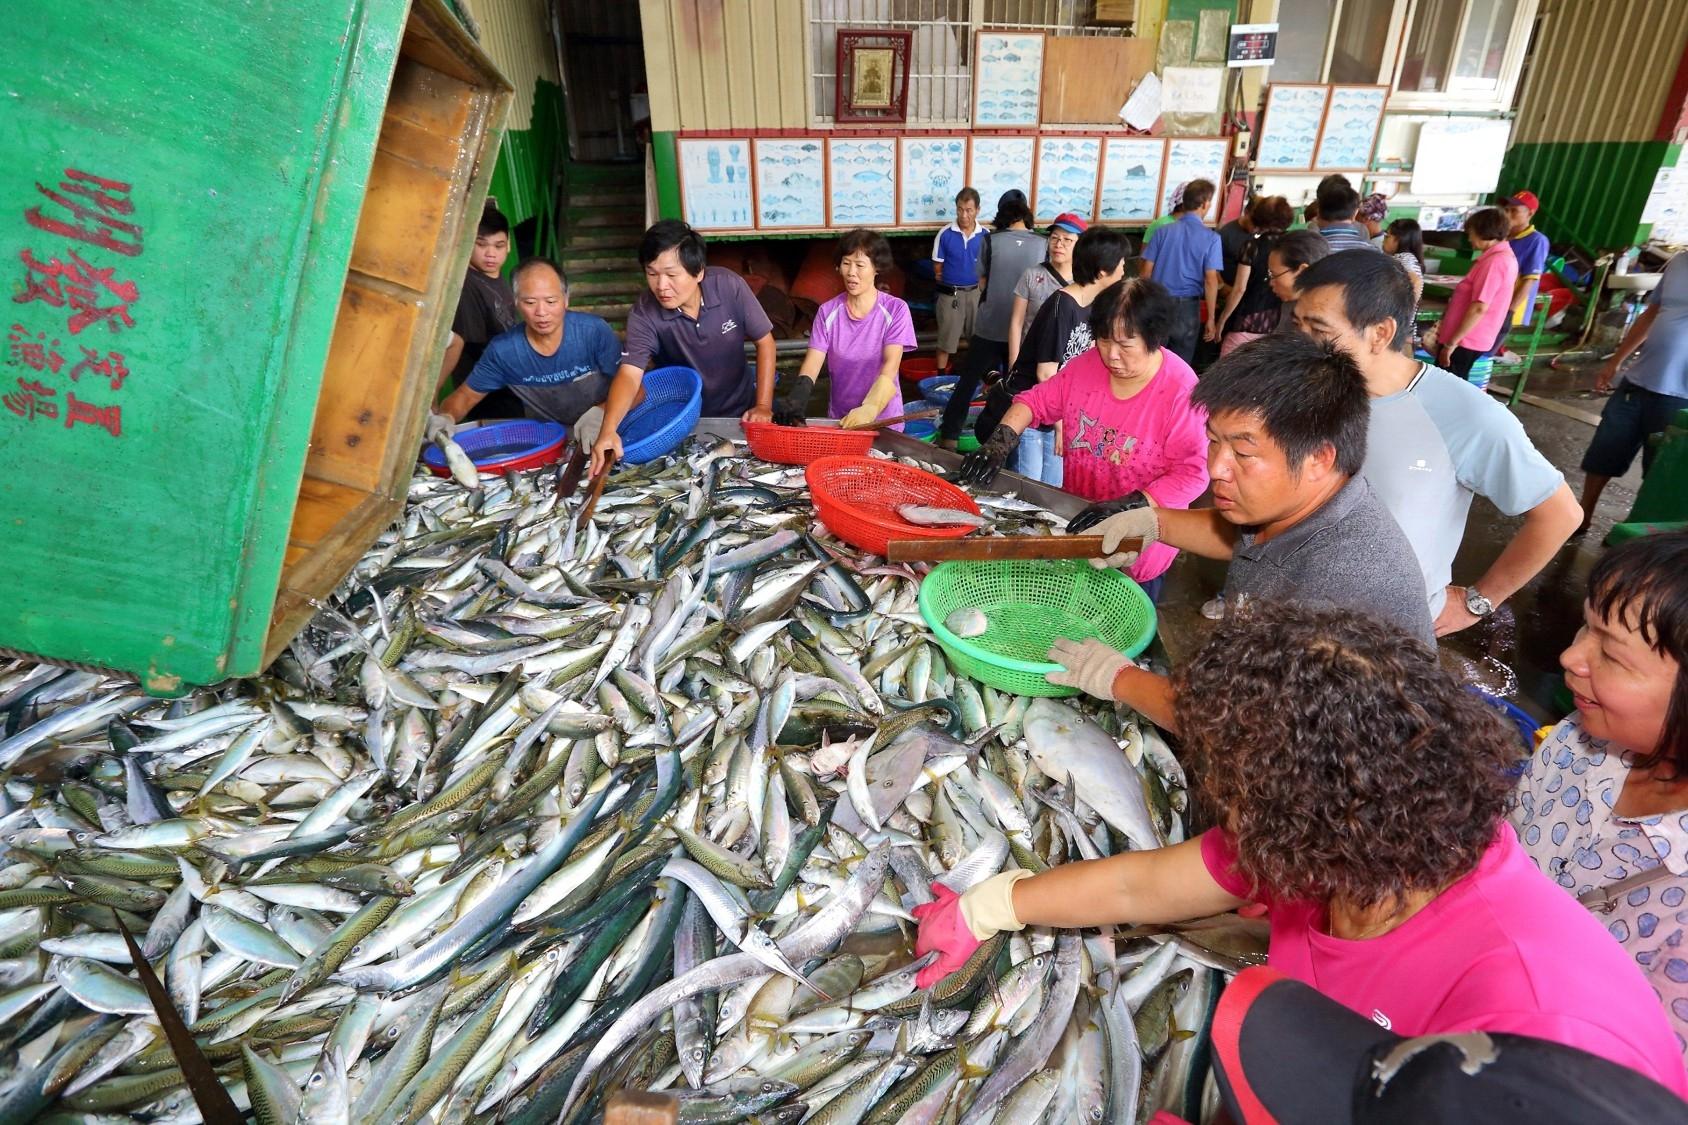 從友善漁法開始 展望海洋教育 (Sponsored)